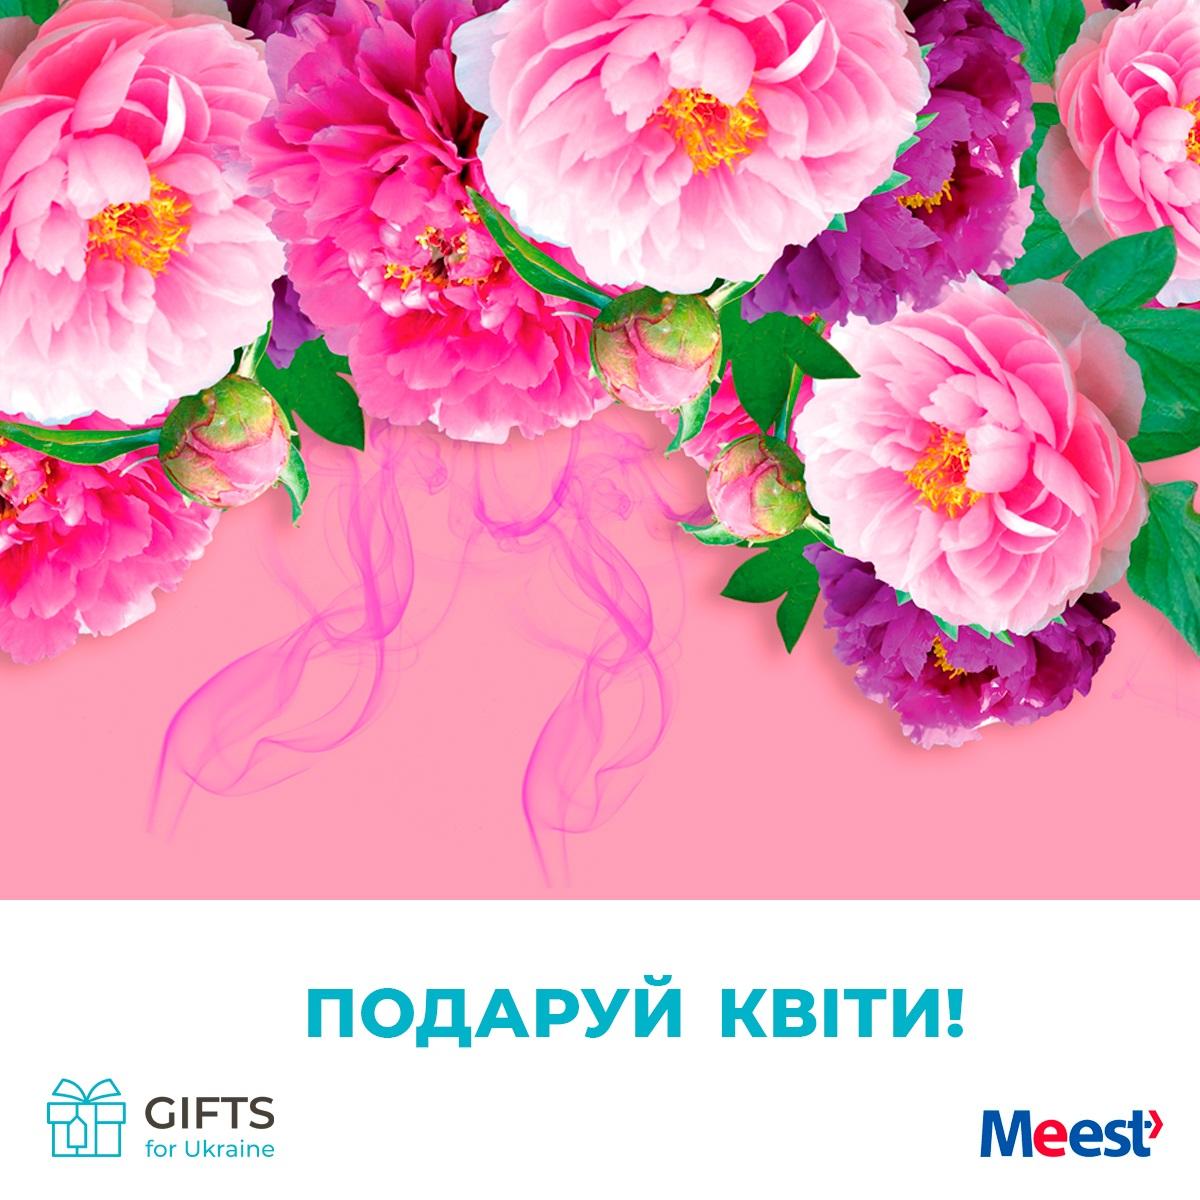 Meest May 2021 Подаруй мамі квіти 1200 Meest May 2021 Подаруй мамі квіти 1200